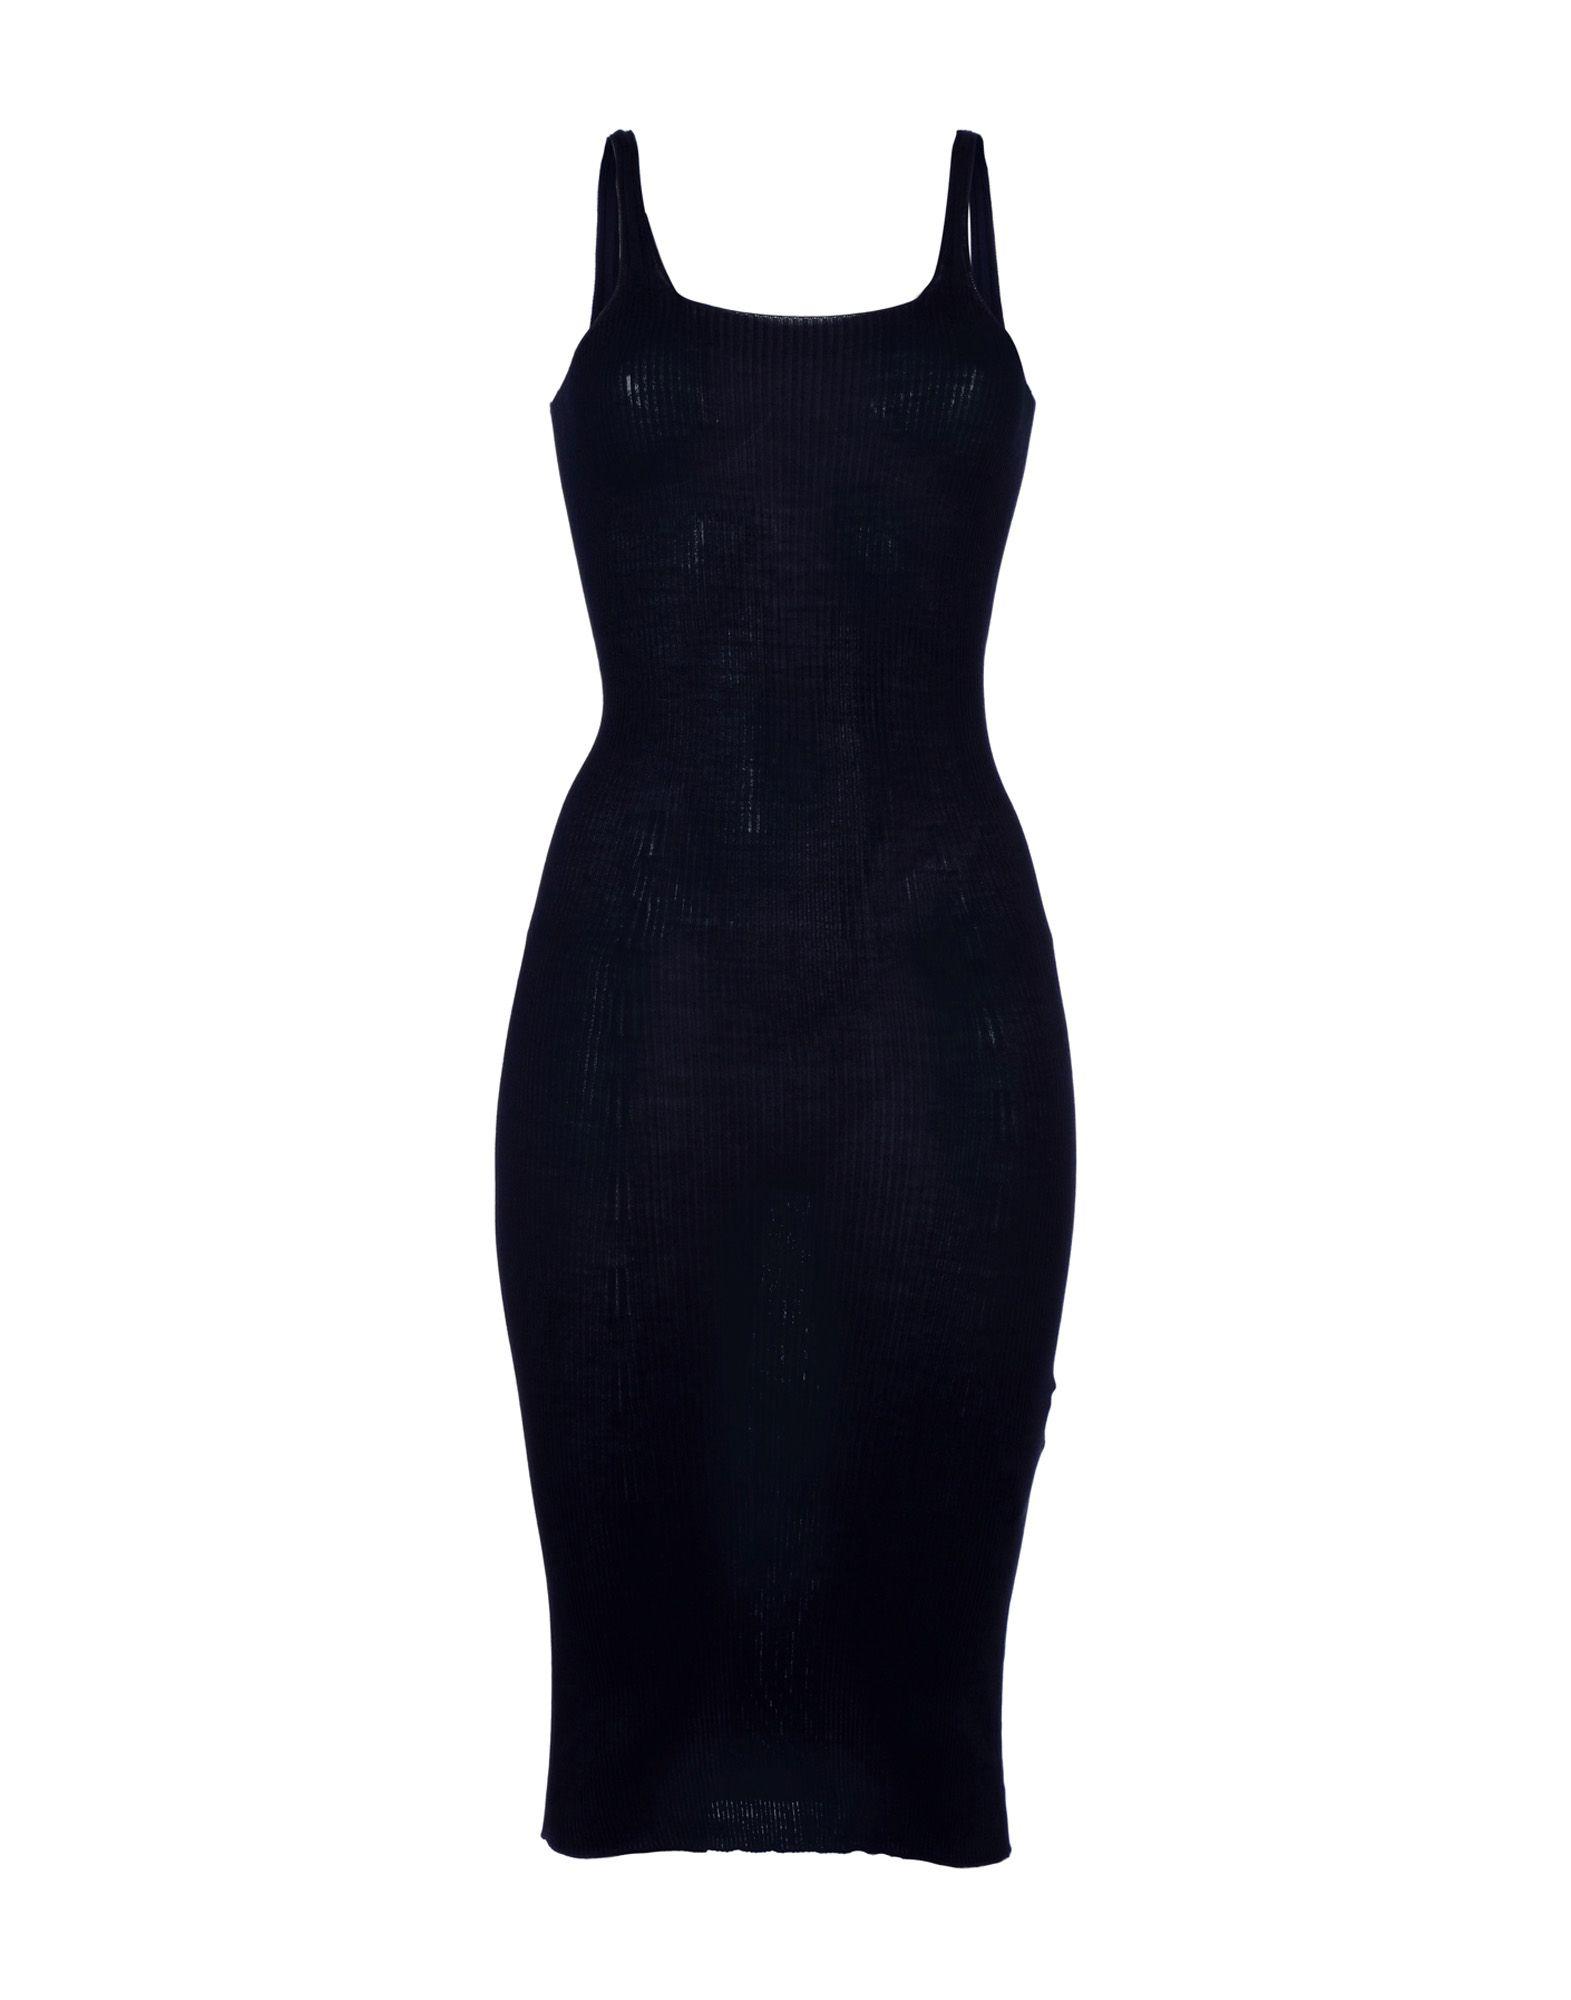 Gentryportofino 3/4 LENGTH DRESS